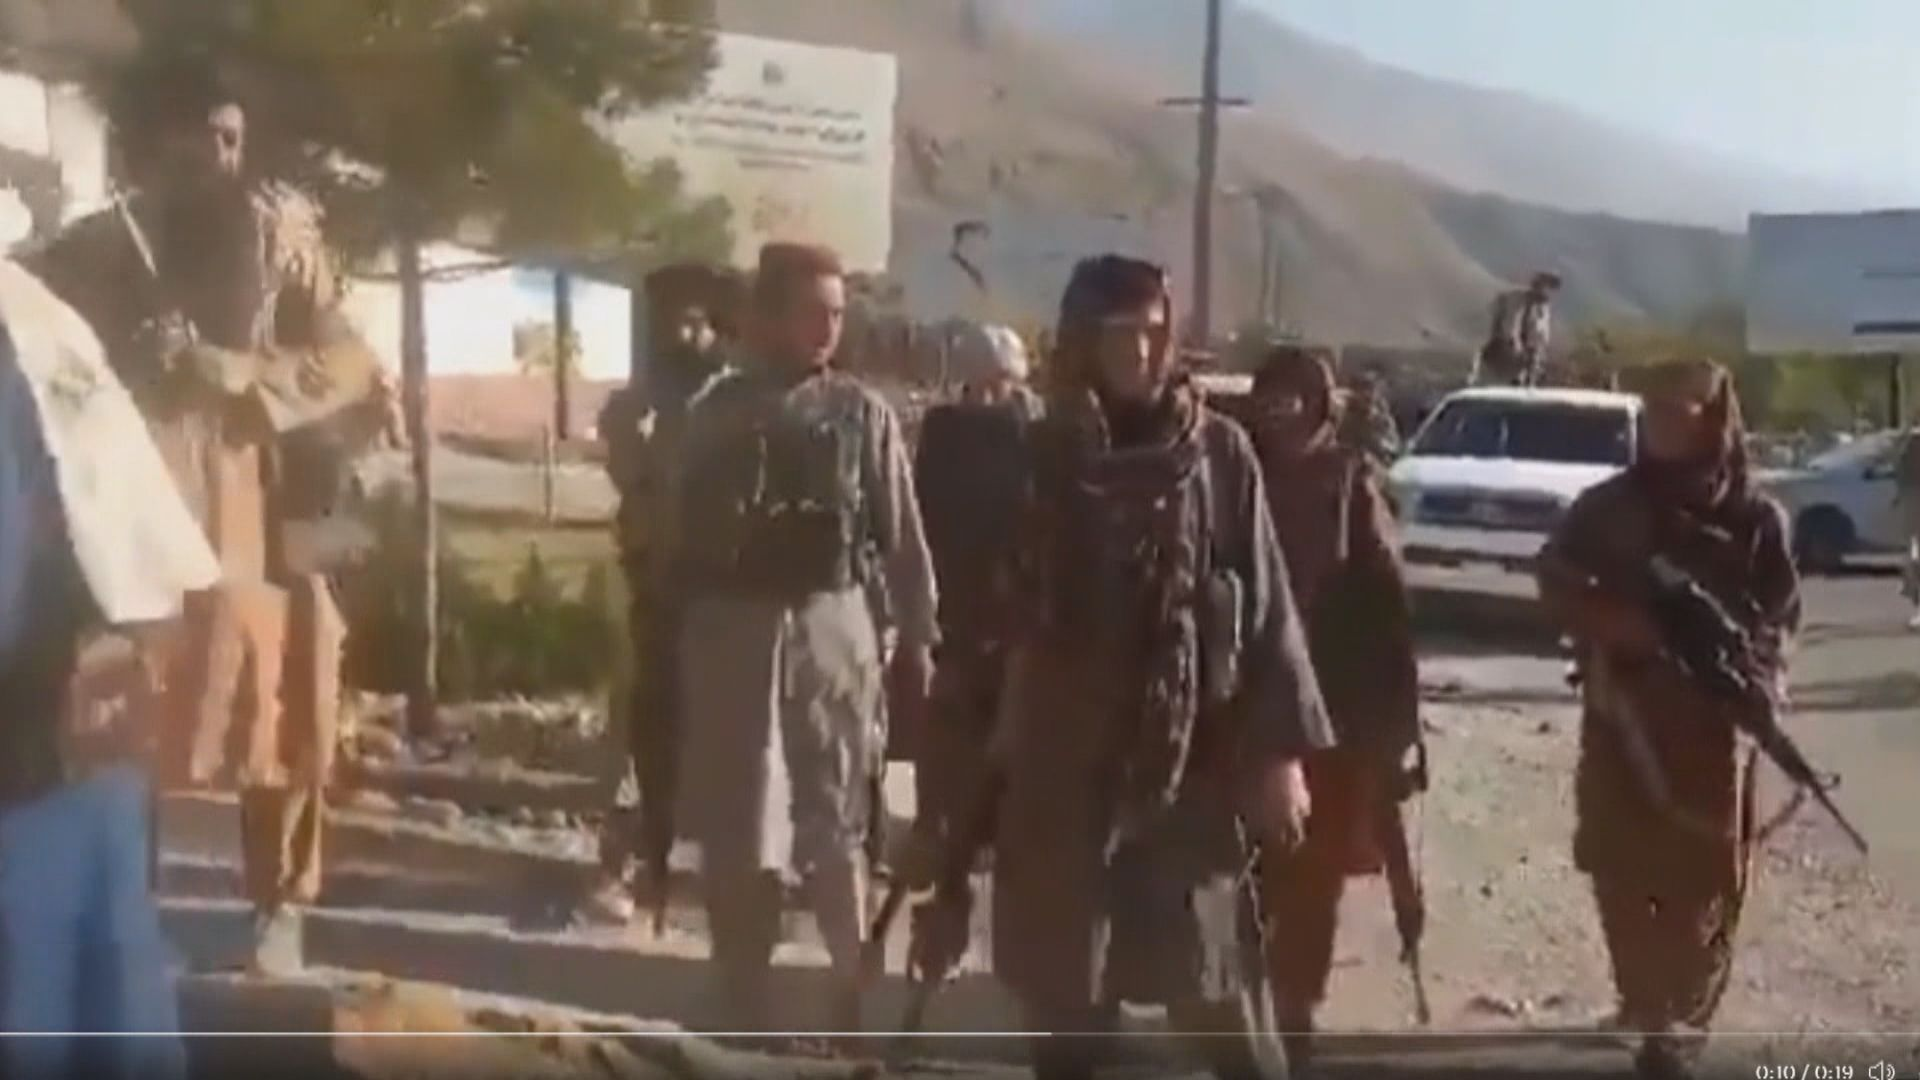 塔利班完全控制反抗勢力最後陣地潘傑希爾省